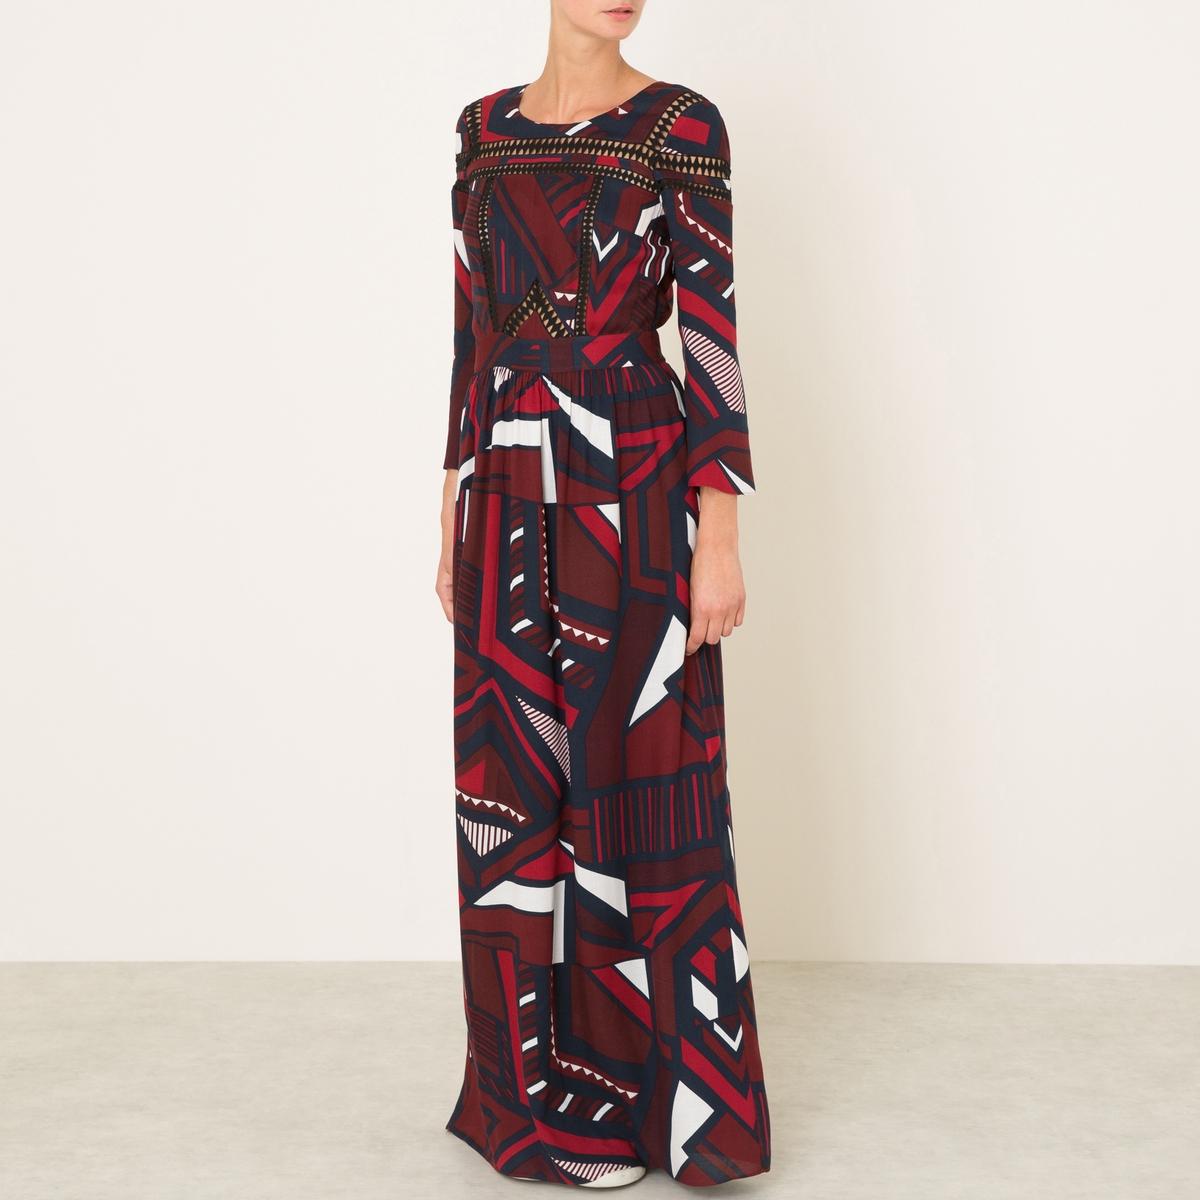 Платье длинное JASMINEДлинное платье BA&amp;SH - модель JASMINE из струящейся ткани с рисунком и вставками макраме. Круглый вырез-капелька с застежкой на пуговицу сзади. Прямые длинные рукава. Прямой покрой, вставка на поясе со складками.Состав и описание    Материал : 100% вискоза   Длина : 150 см. (для размера 36)   Марка : BA&amp;SH<br><br>Цвет: темно-синий<br>Размер: S